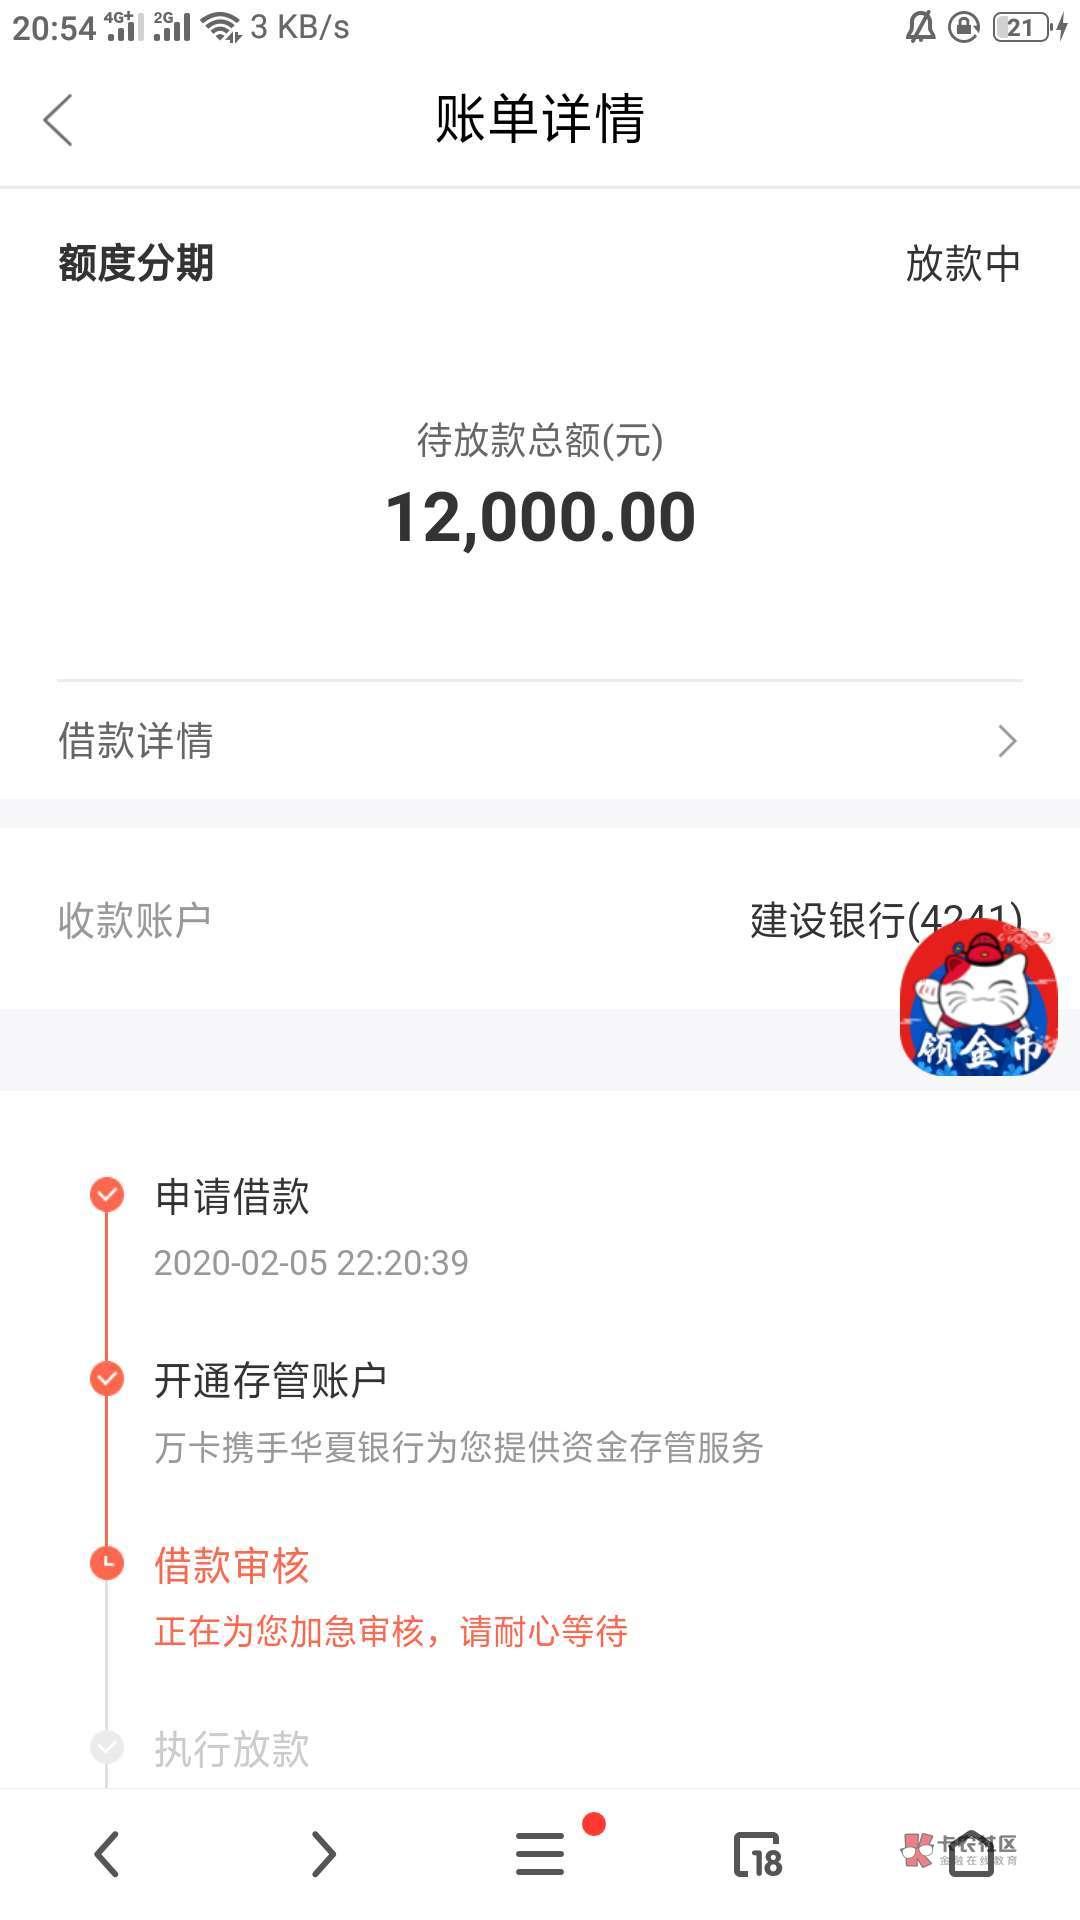 玖富万卡显示放款成功了,怎么点进去还是显示放款中,钱也没到账。有老哥知道情况的吗59 / 作者:tangfeng5646467 /